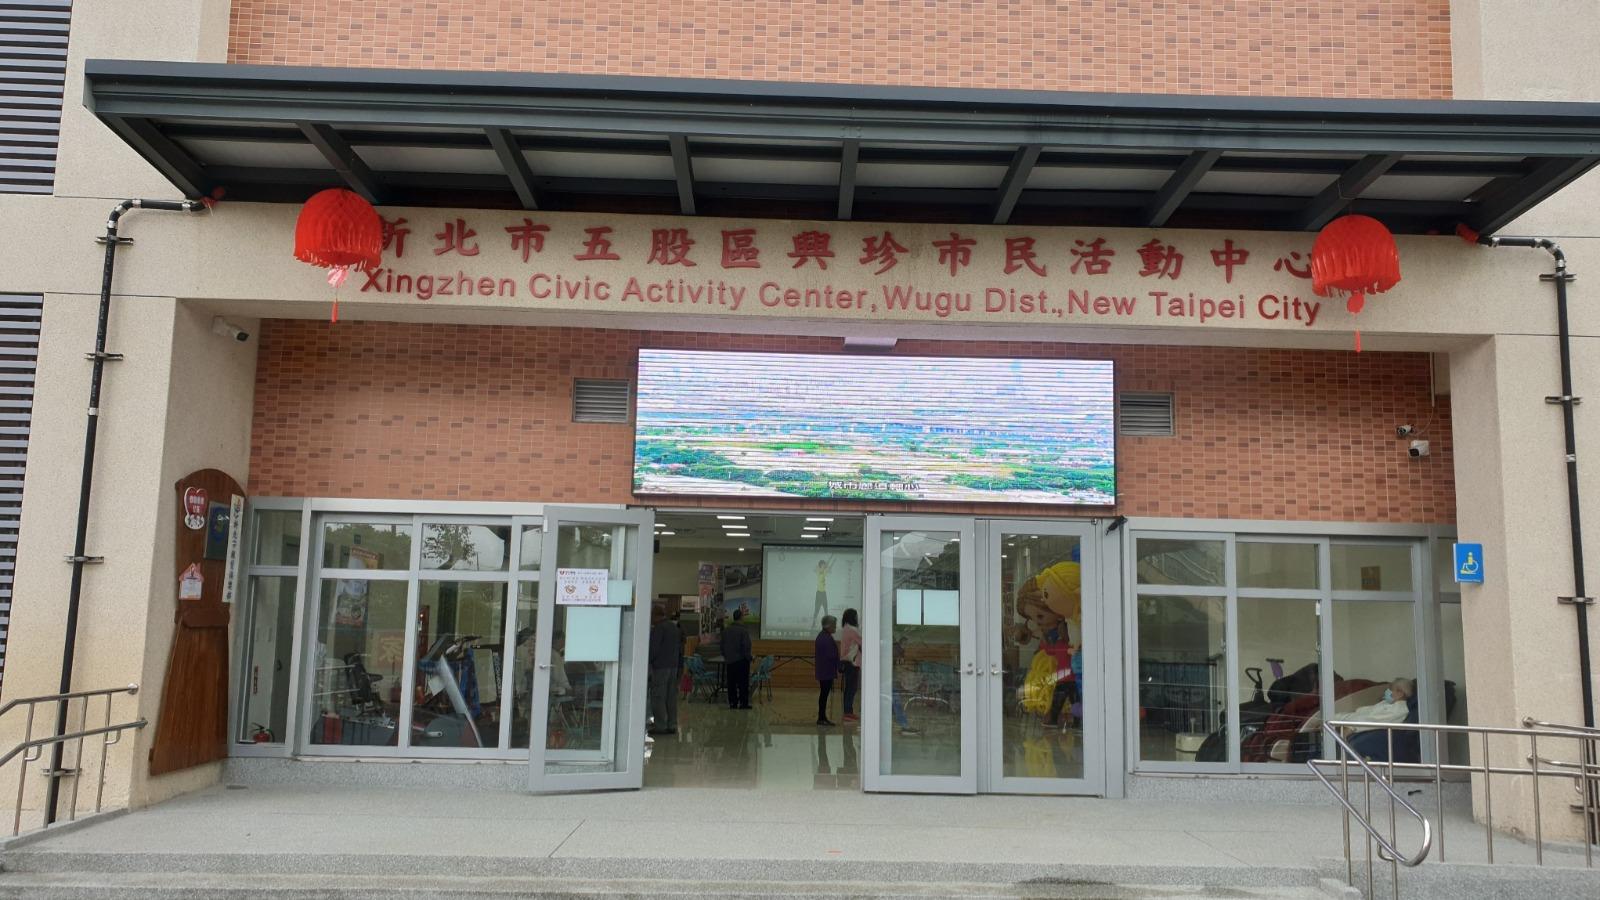 多功能活動中心一樓新設興珍巿民活動中心